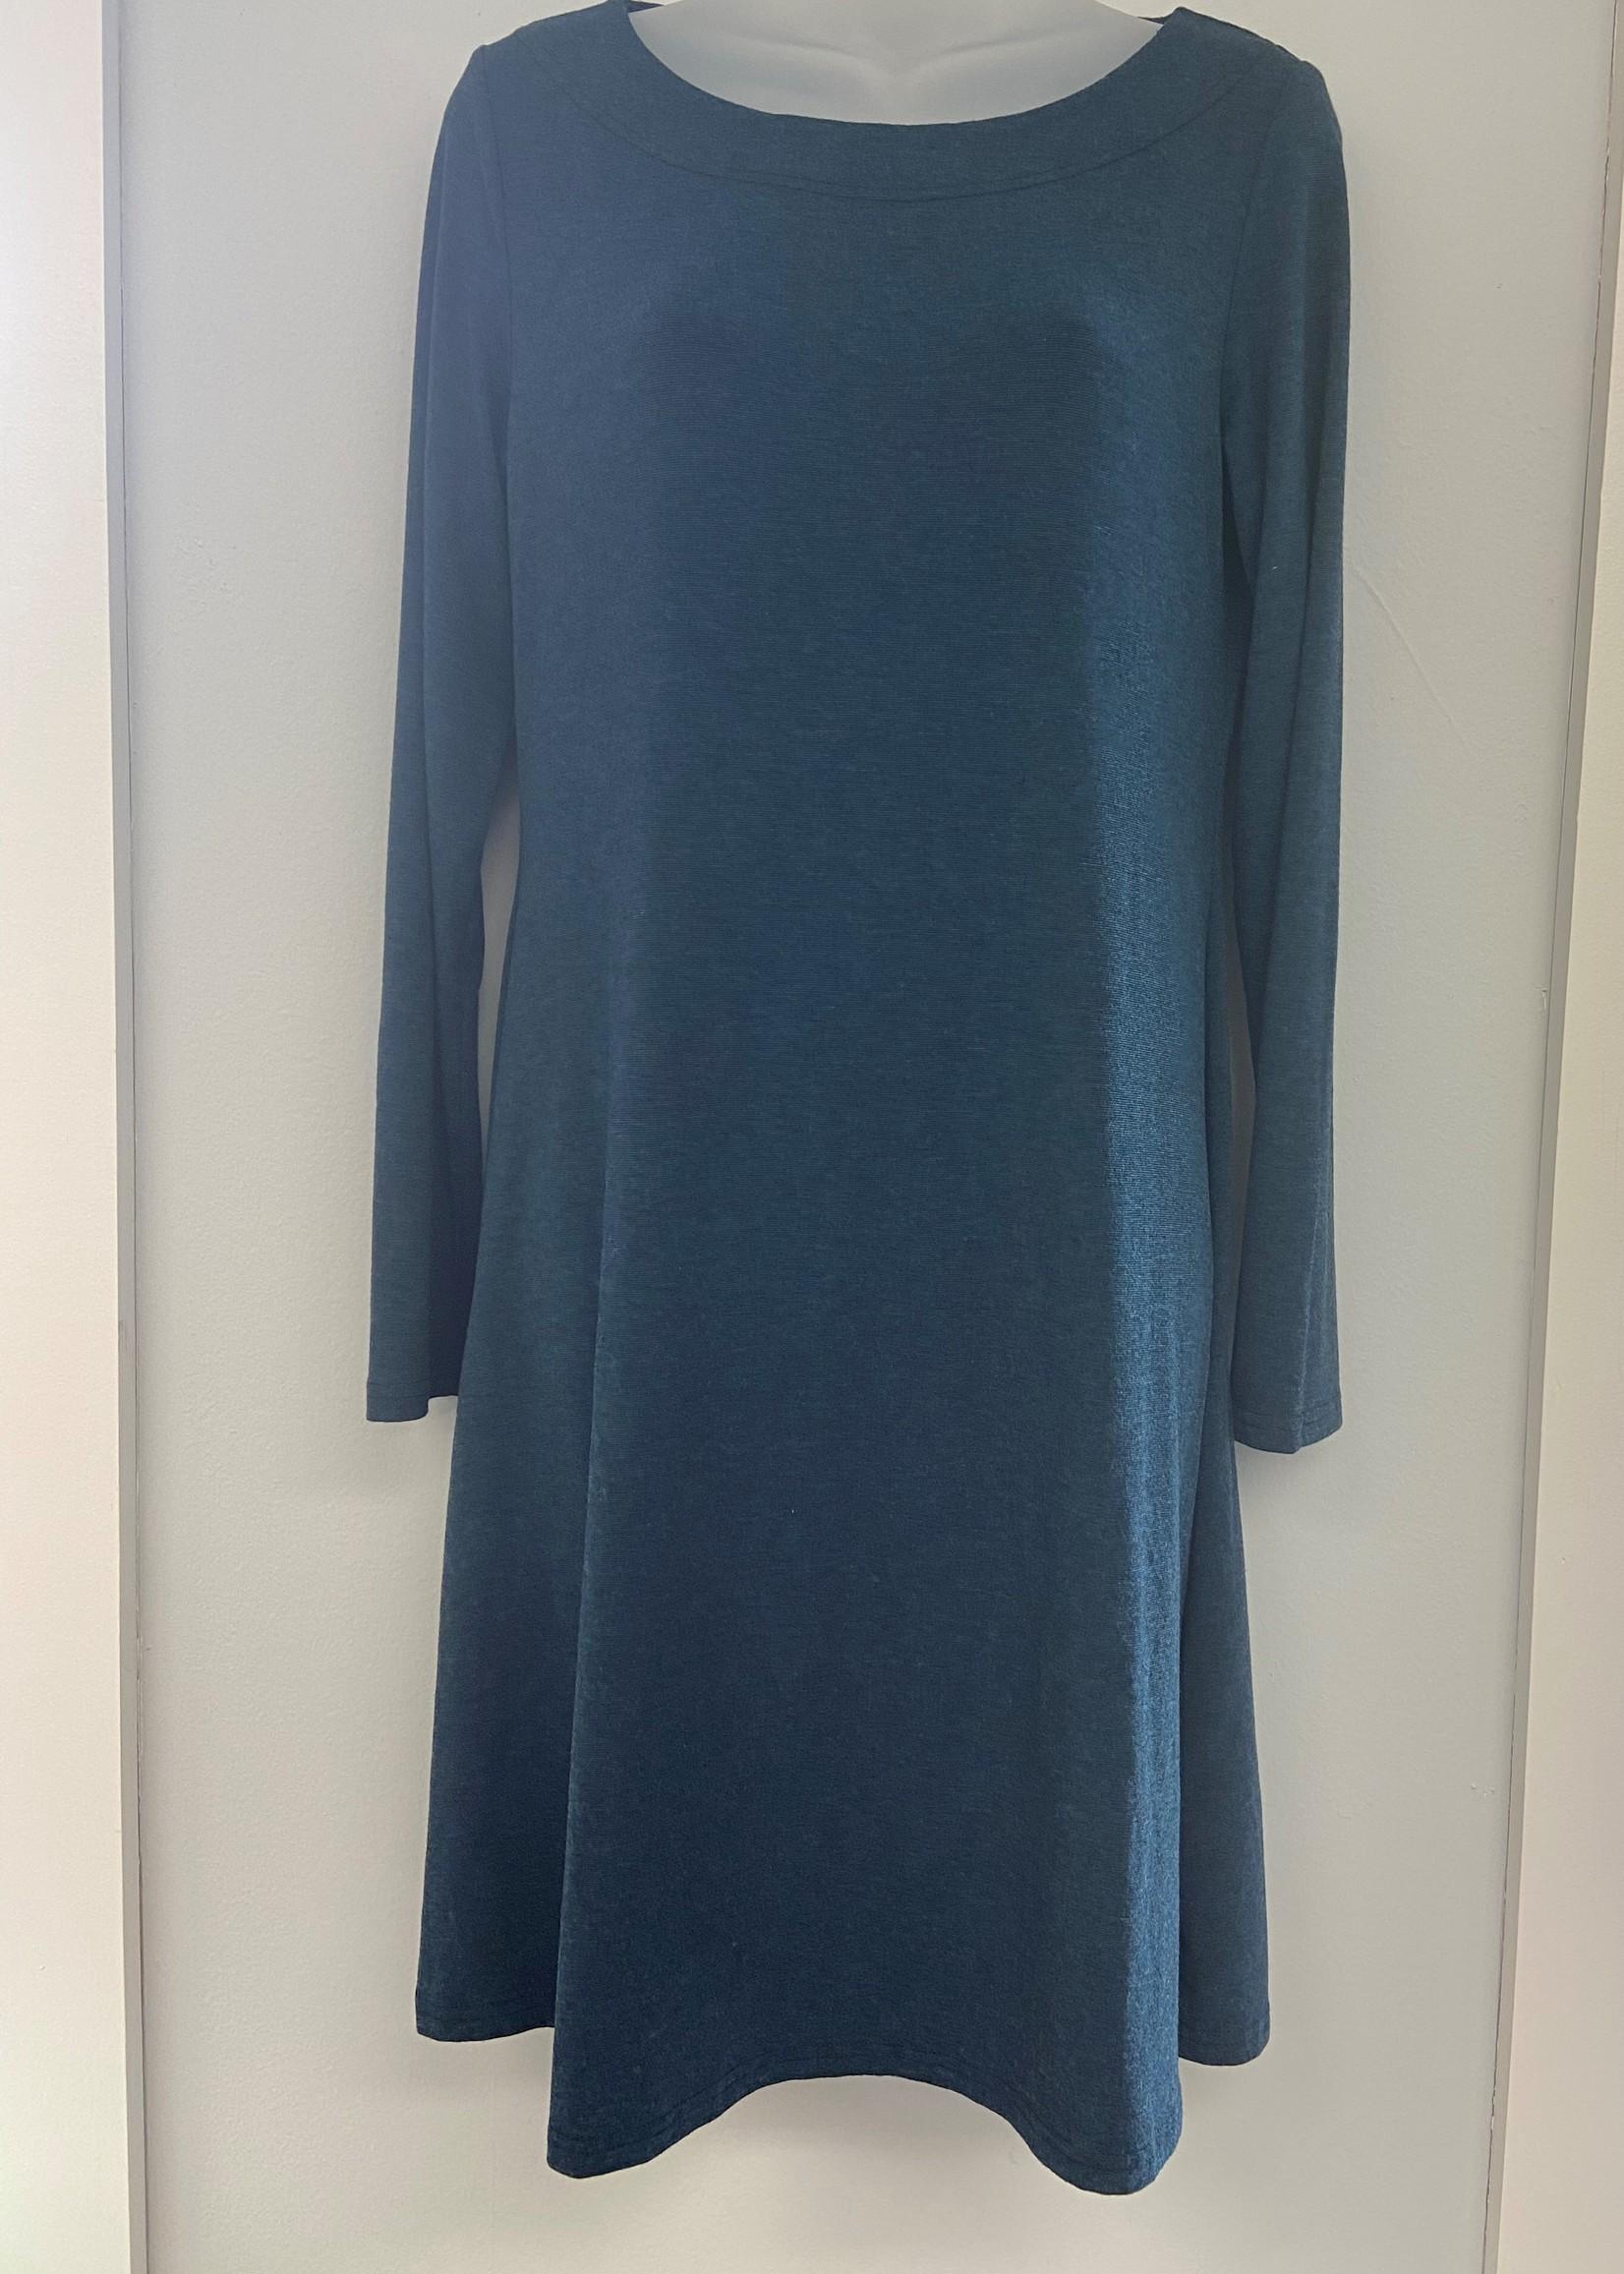 Kellyn Kellyn Long-Sleeve Tunic Dress